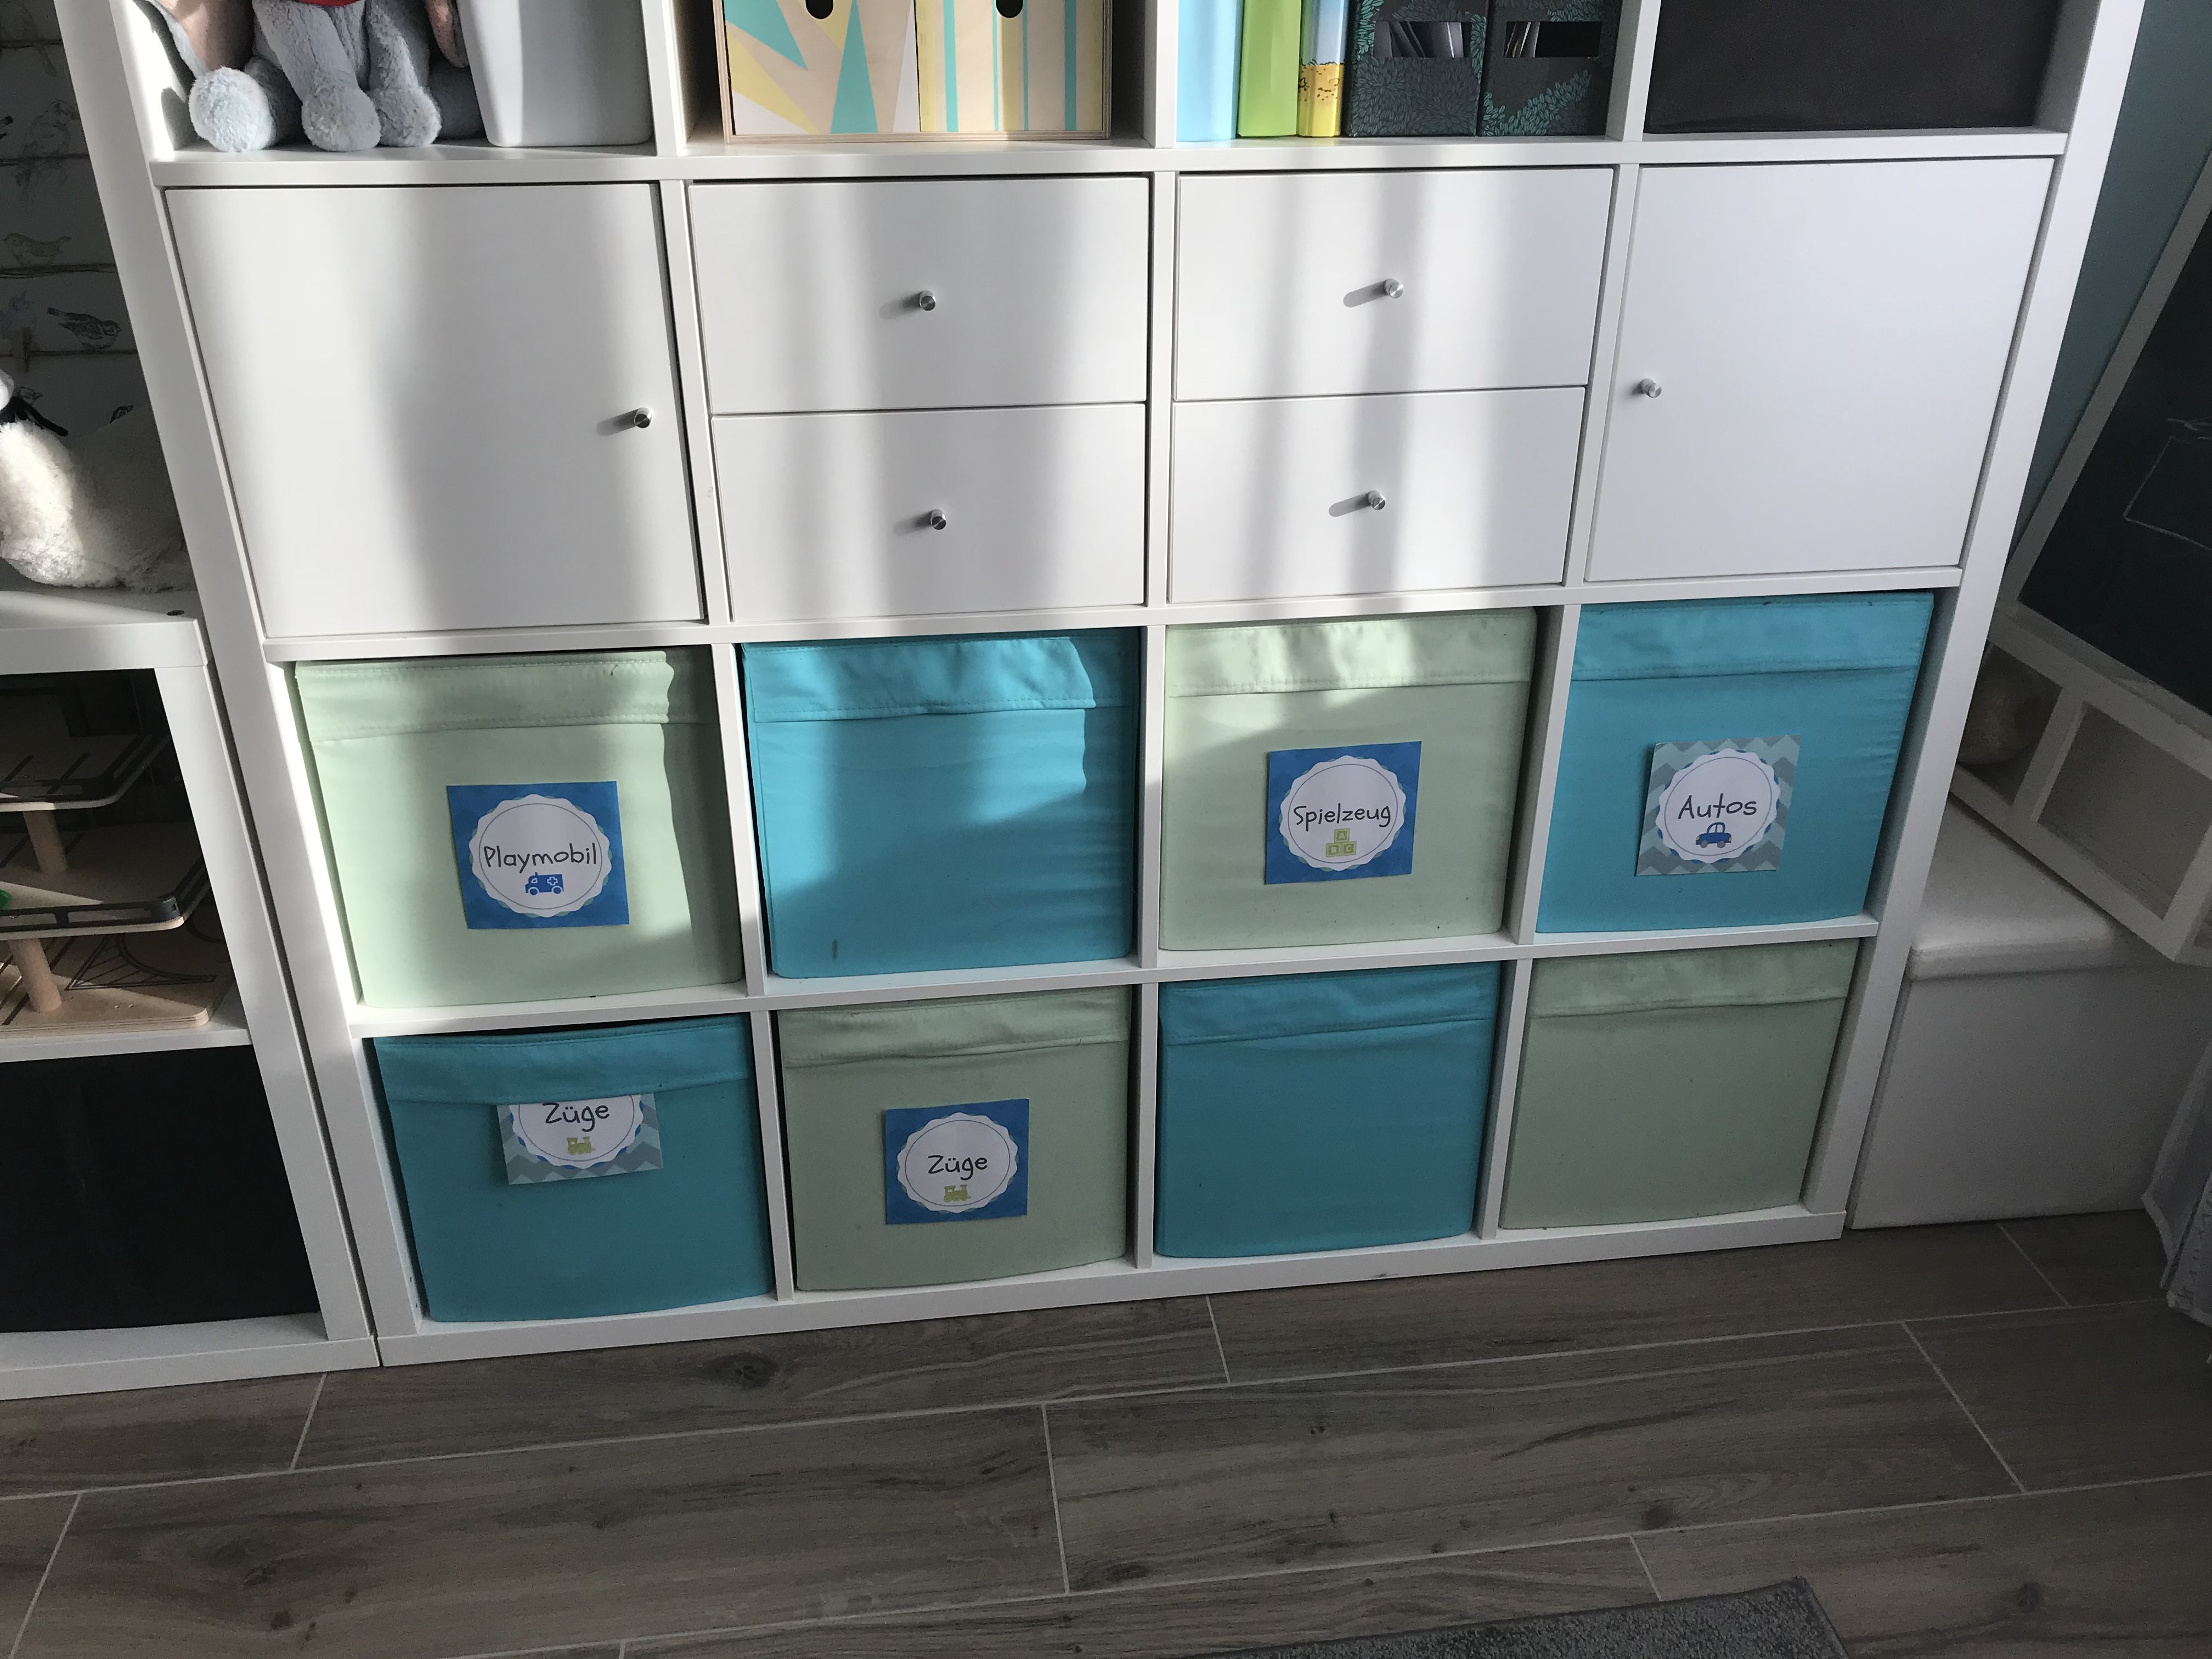 Küchenschränke-kits pin by pauline mcmillen on storage ideas  pinterest